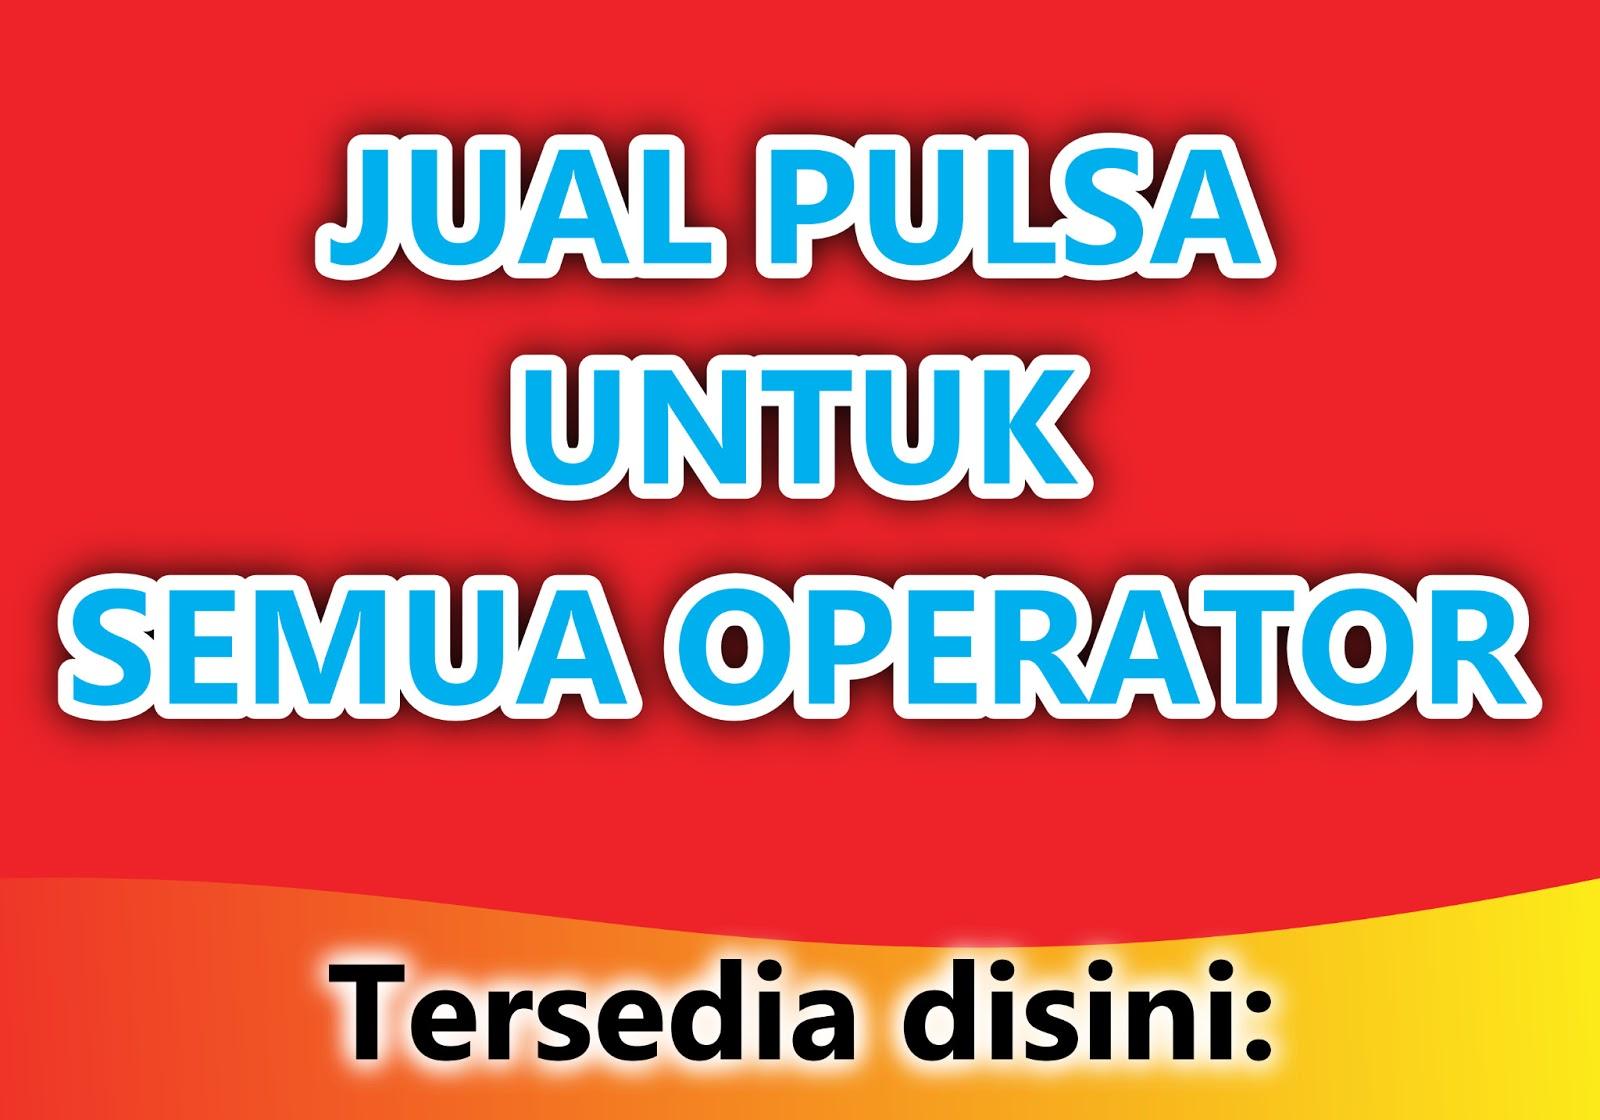 Contoh Gambar Spanduk Jualan Pulsa - desain banner kekinian